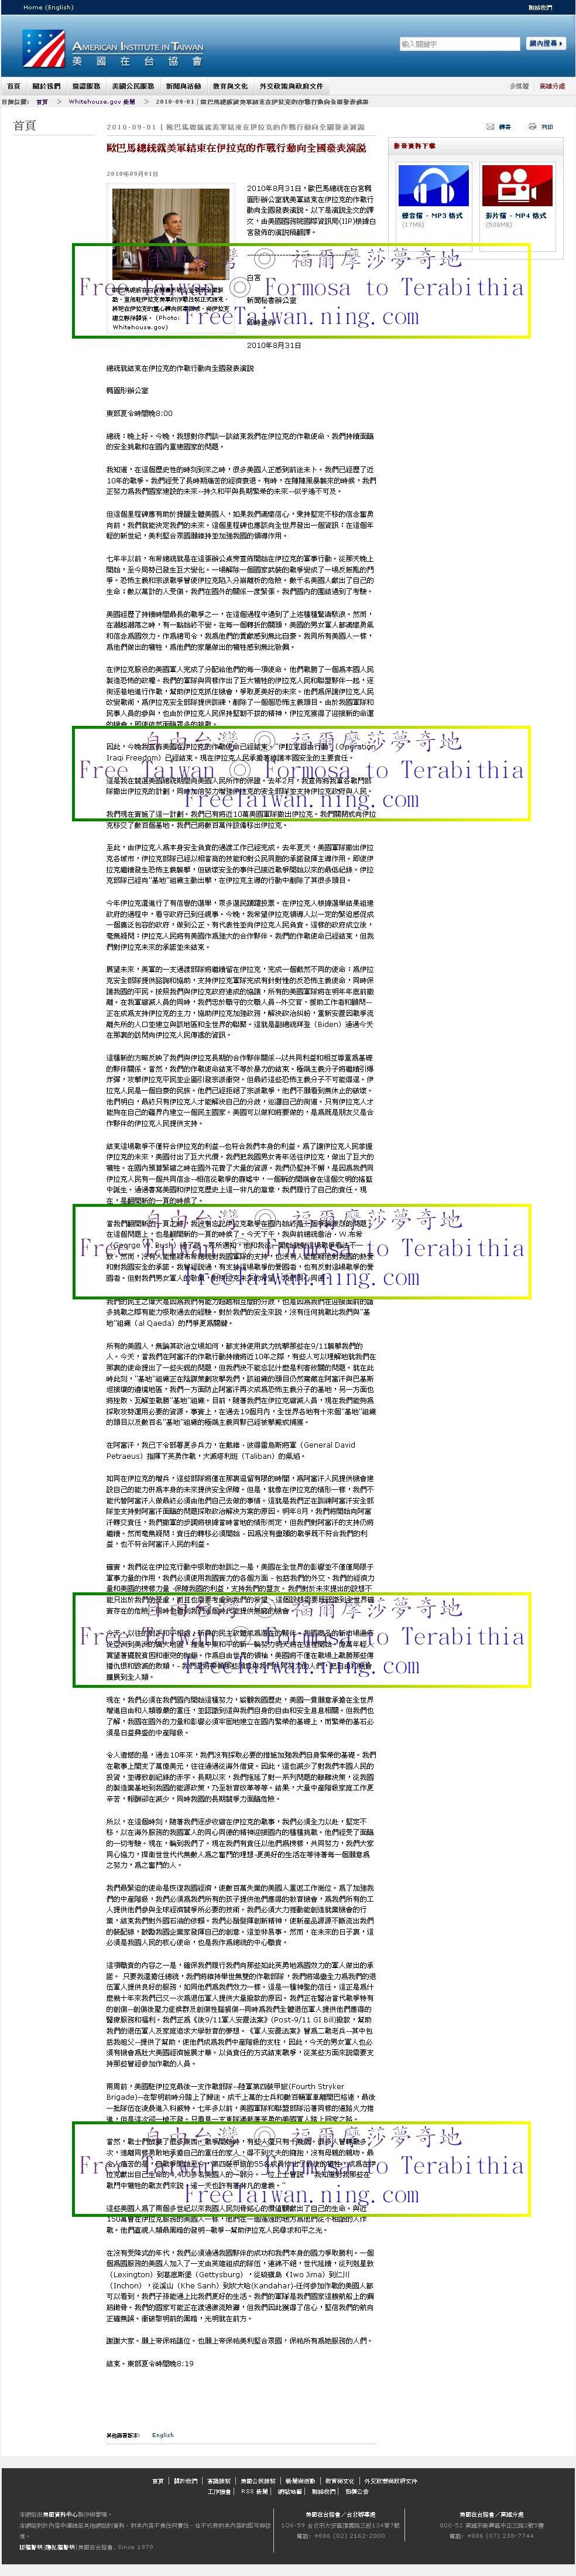 2010-09-01 歐巴馬總統就美軍結束在伊拉克的作戰行動向全國發表演説 - AIT美國在台協會 - Whitehouse.gov 白宮新聞 自由台灣◎ 福爾摩莎夢奇地 Free Taiwan ◎ Formosa to Terabithia FreeTaiwan.ning.com